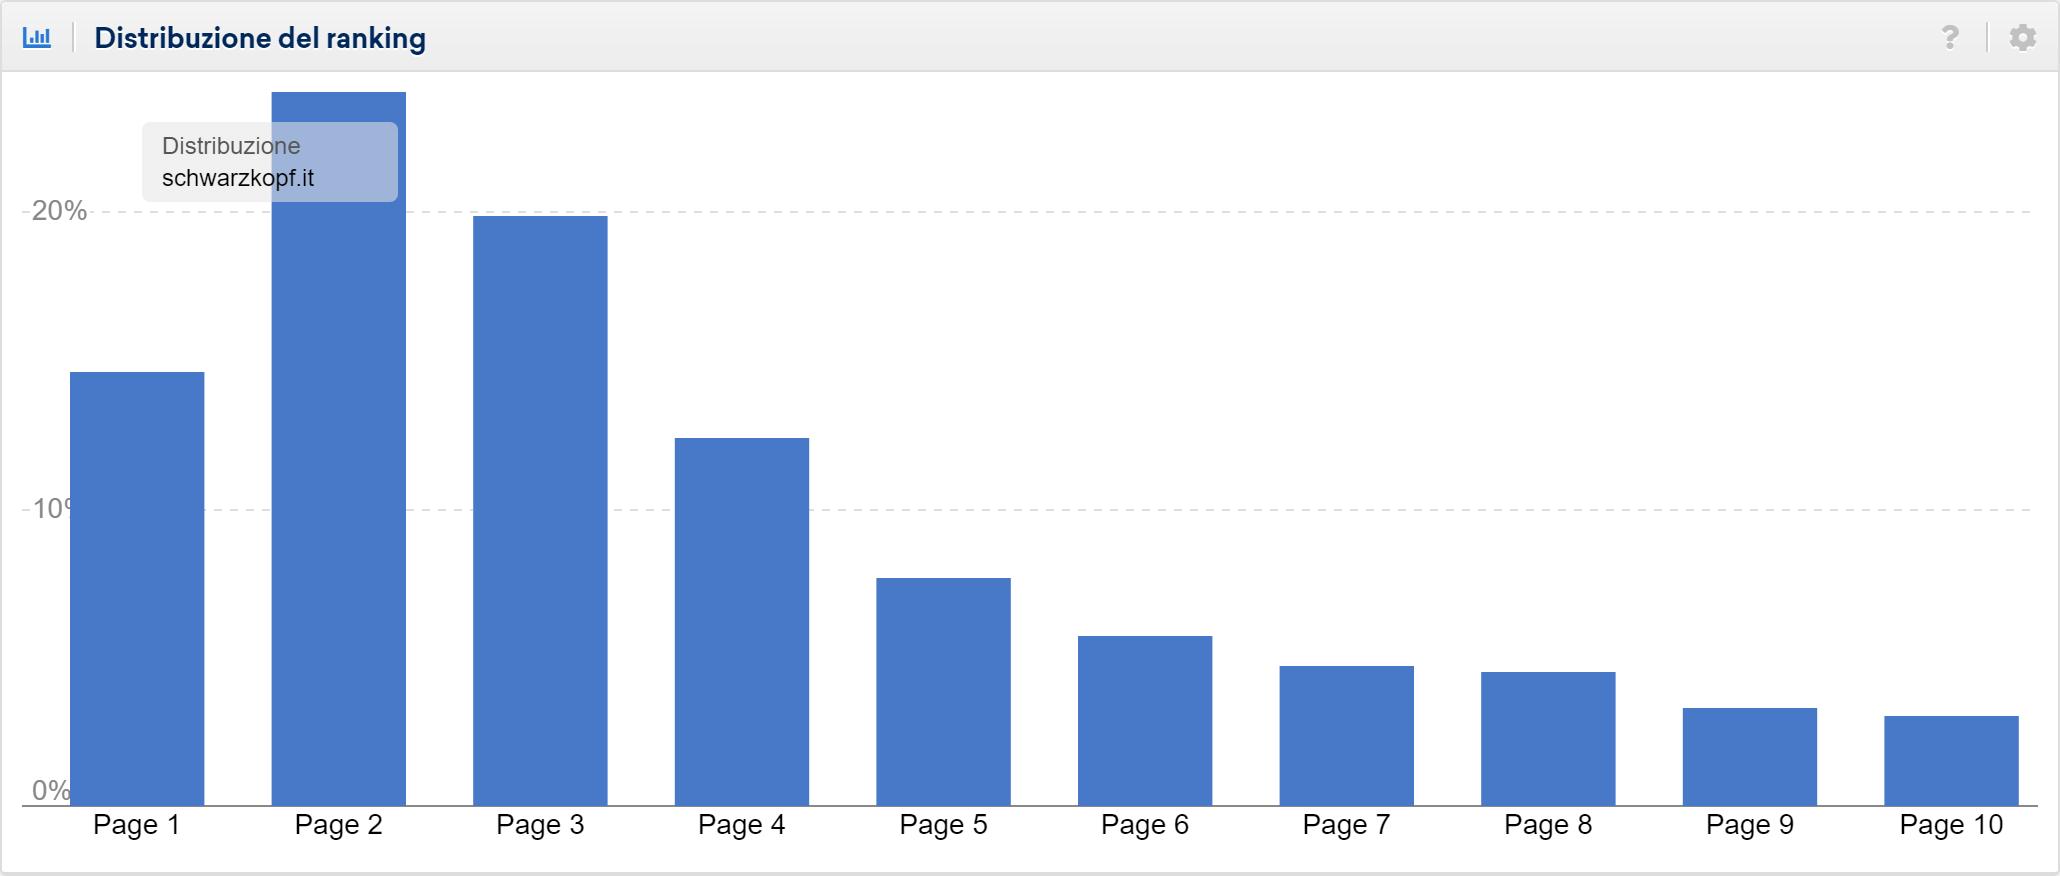 Distribuzione del ranking di schwarzkopf.it: le keyword sono soprattutto in seconda pagina